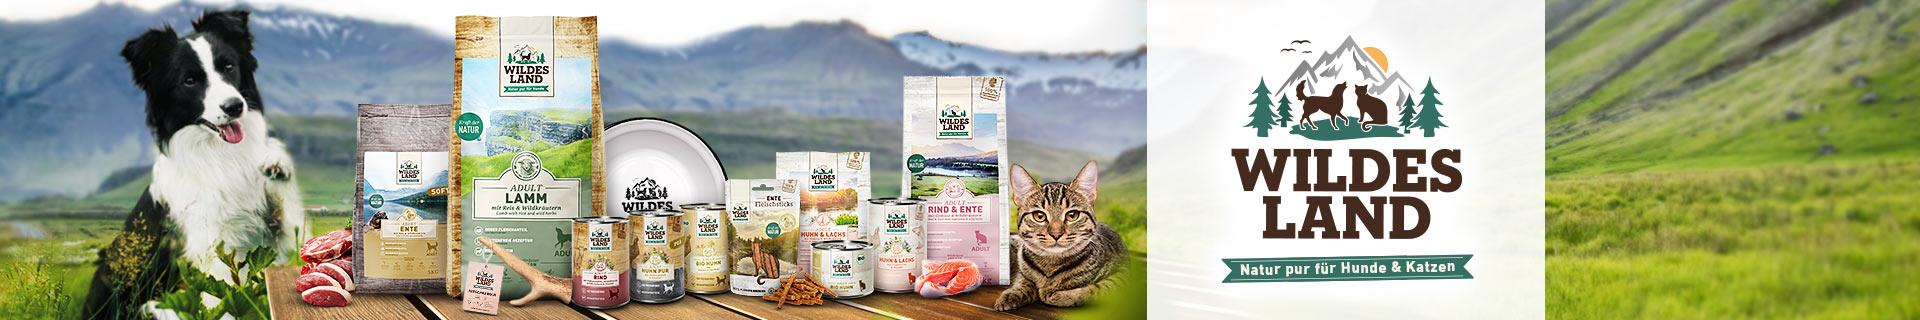 Wildes Land Hundefutter und Katzenfutter